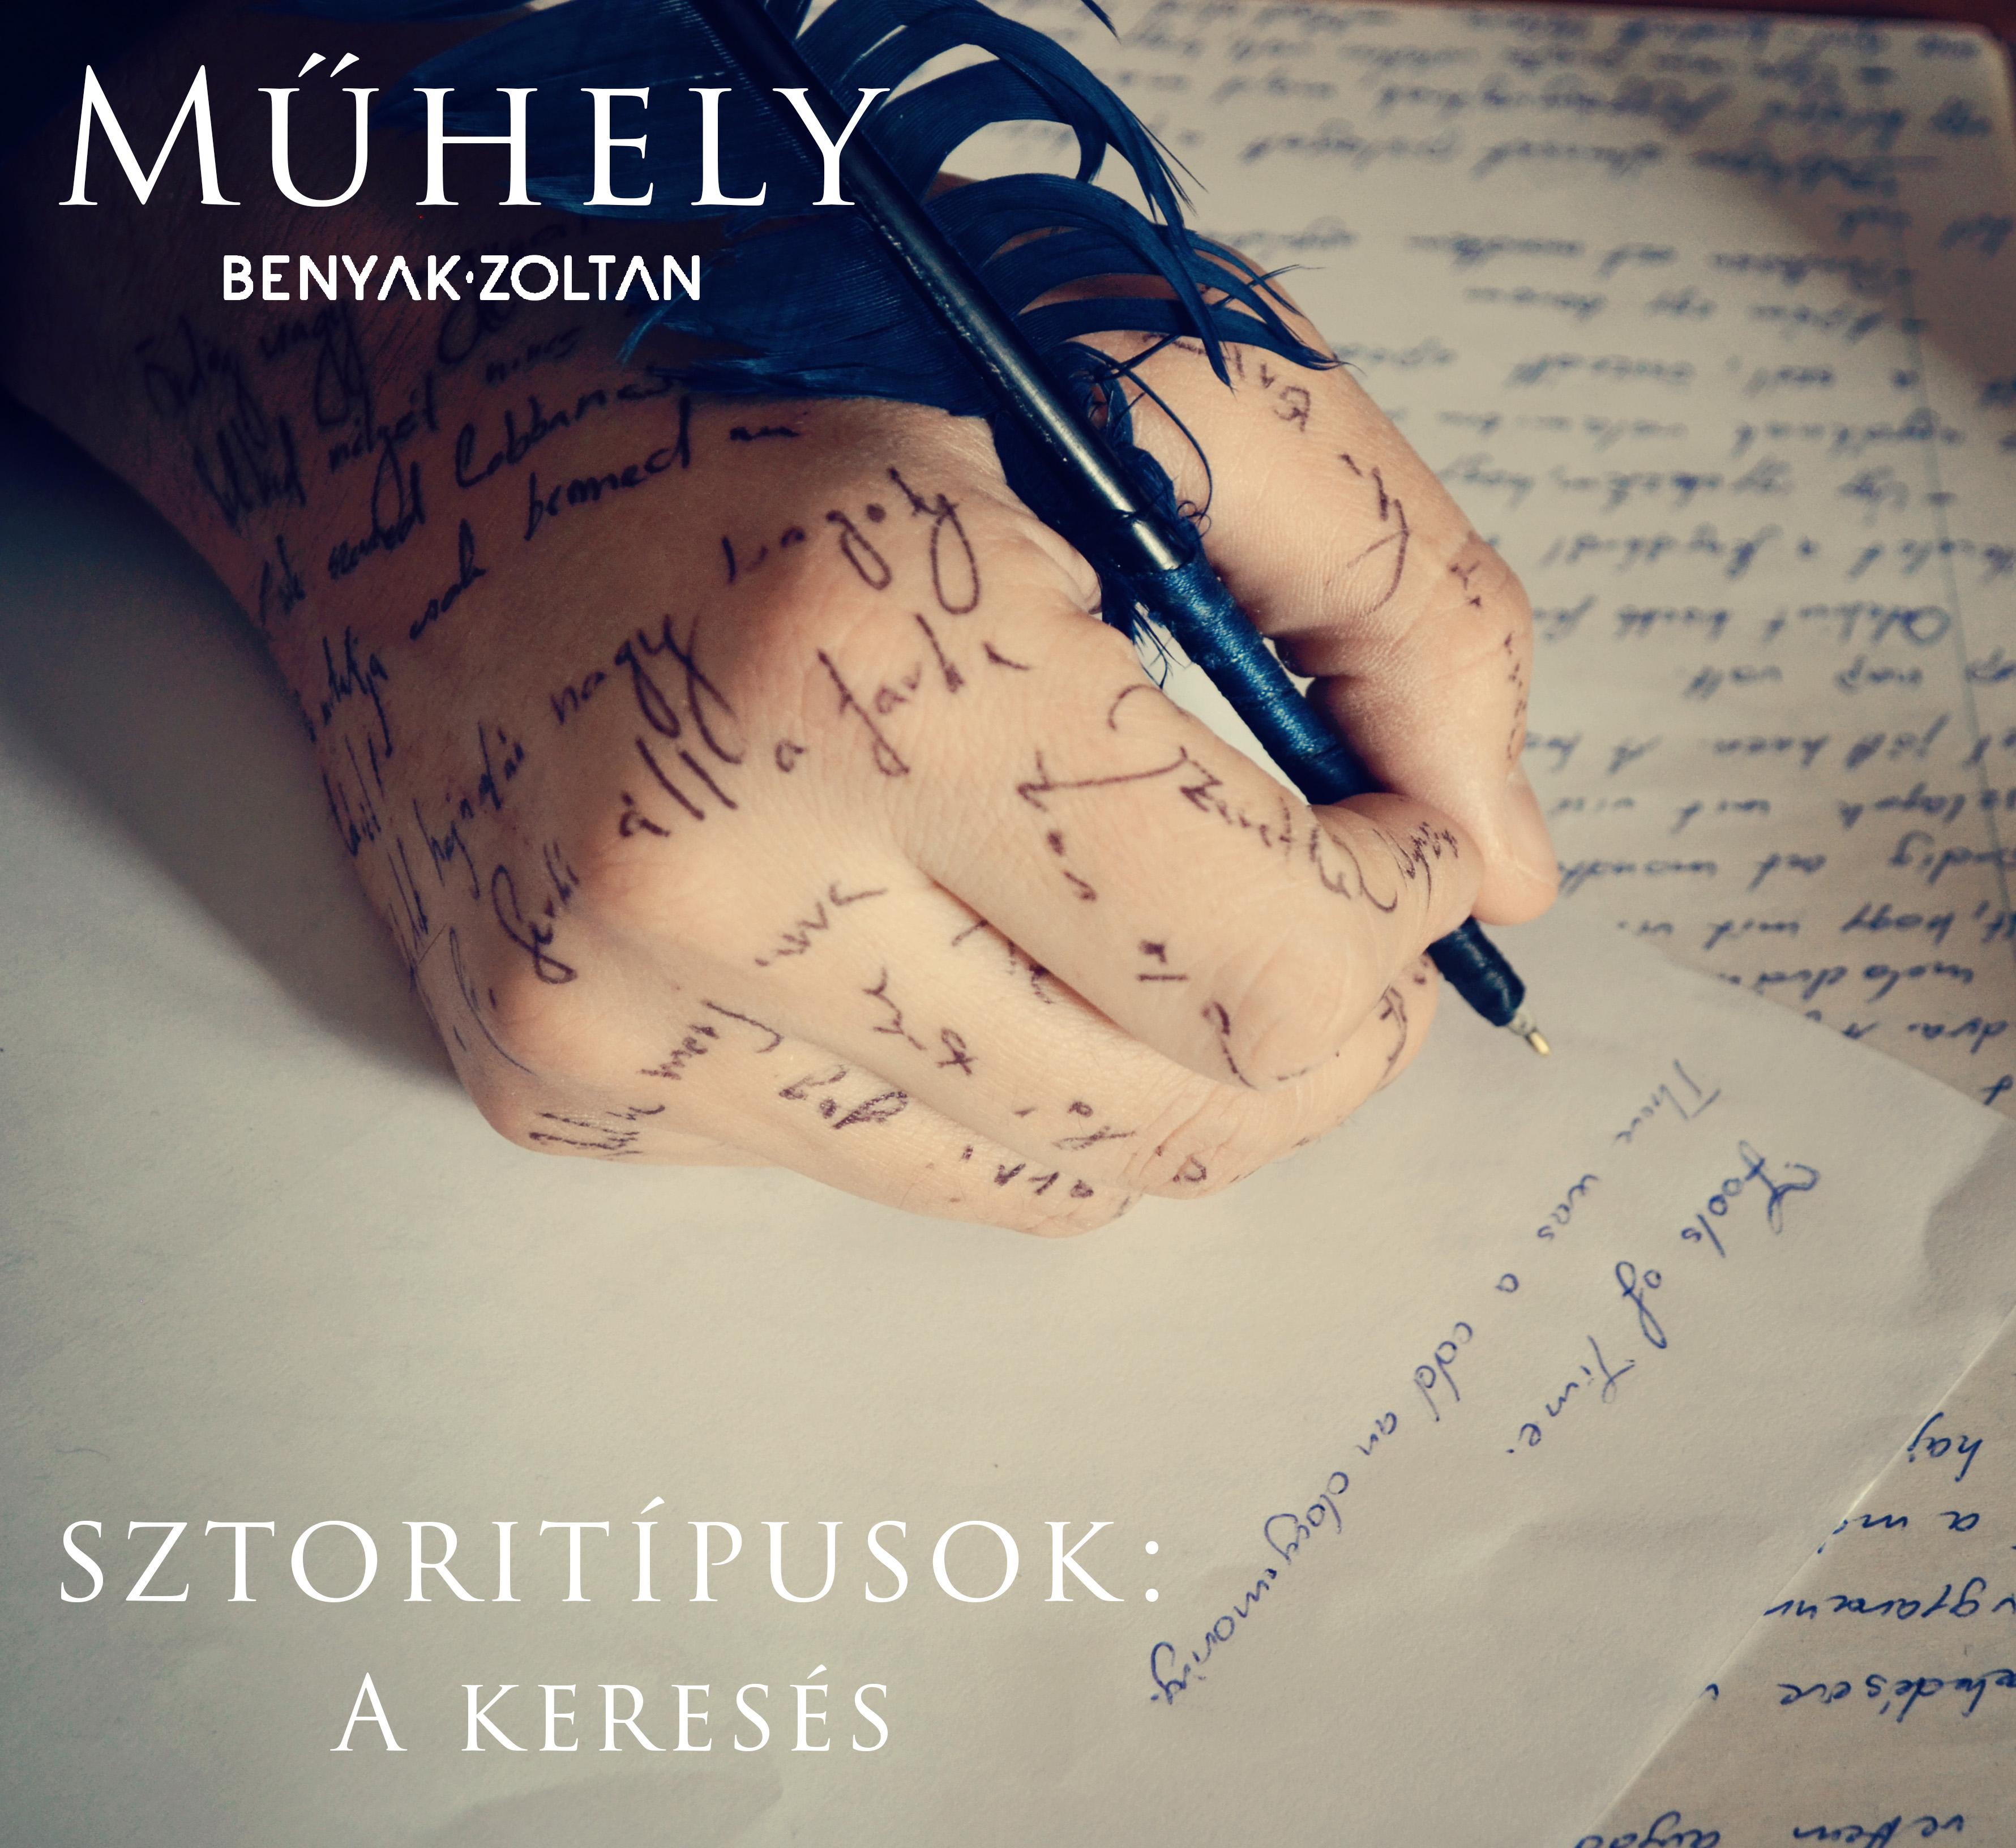 muhely_1.jpg